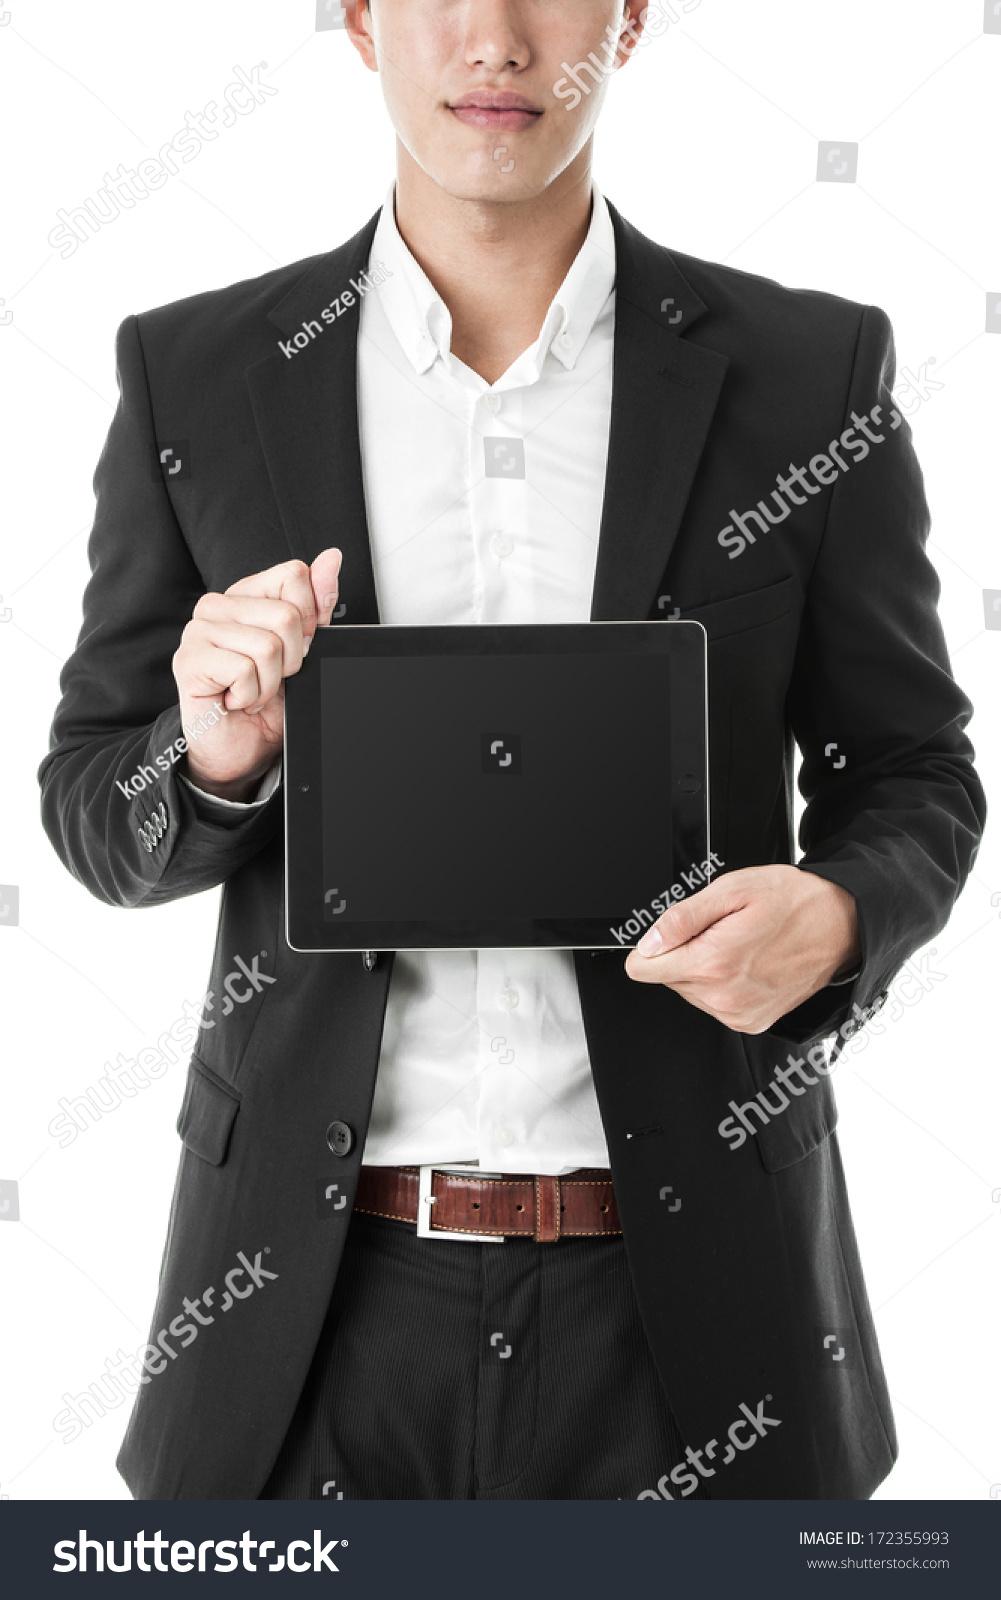 商人拿着平板电脑-商业/金融